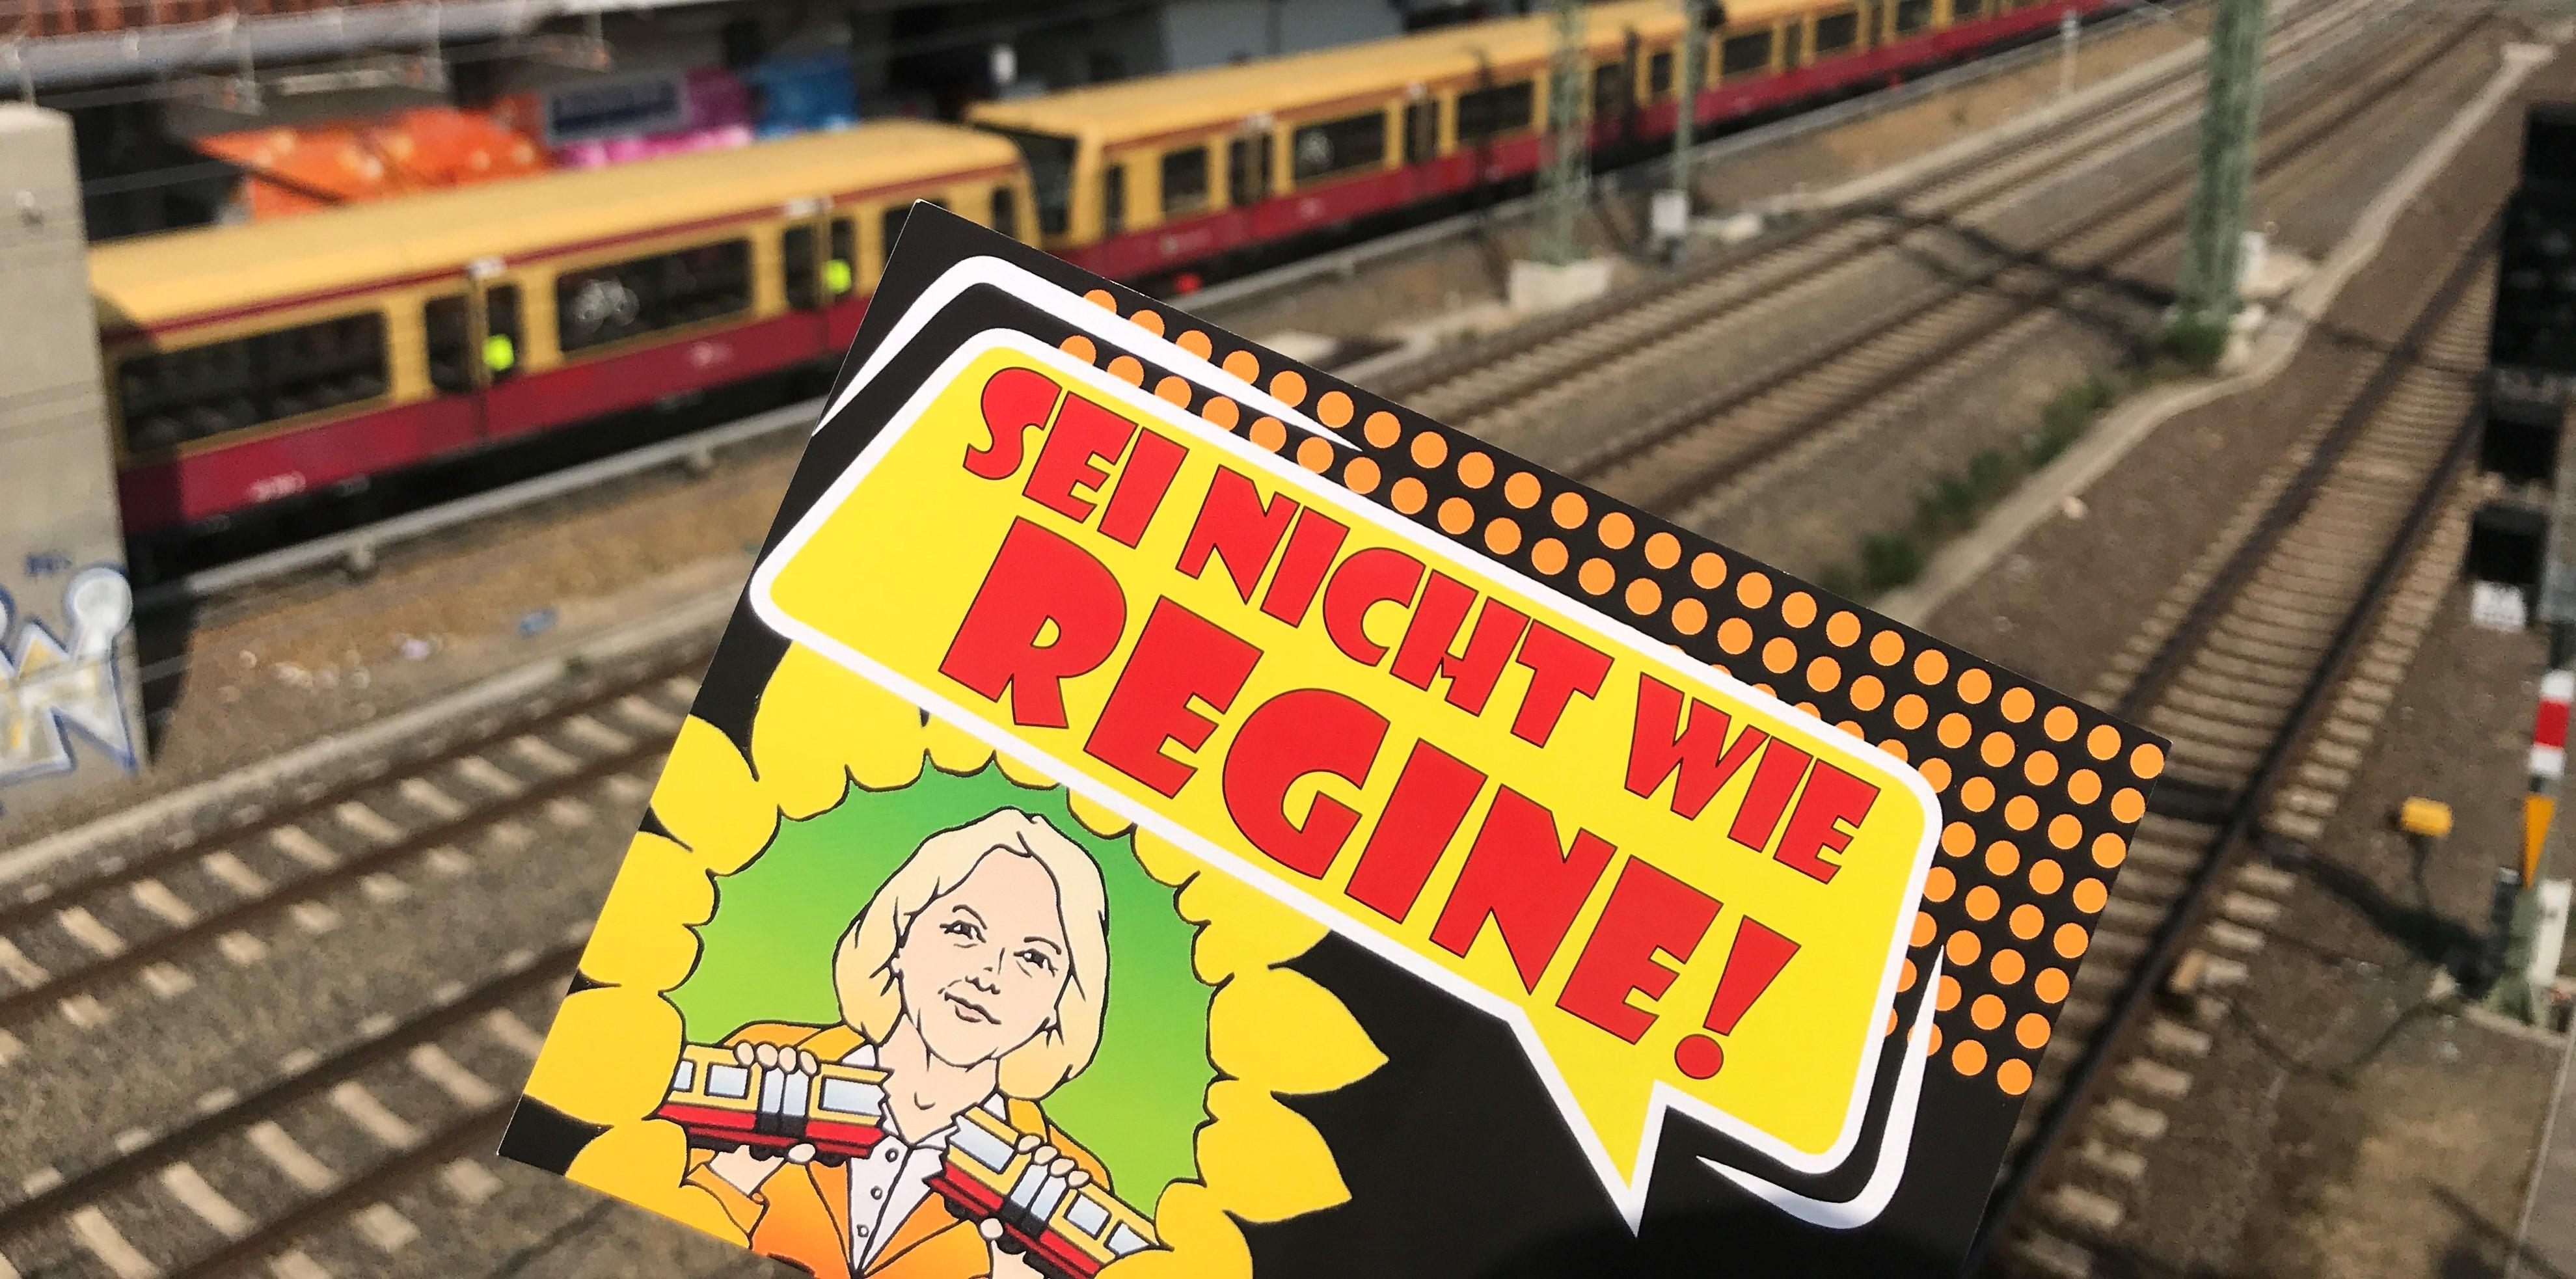 Für die Daseinsvorsorge: Keine Zerschlagung der S-Bahn